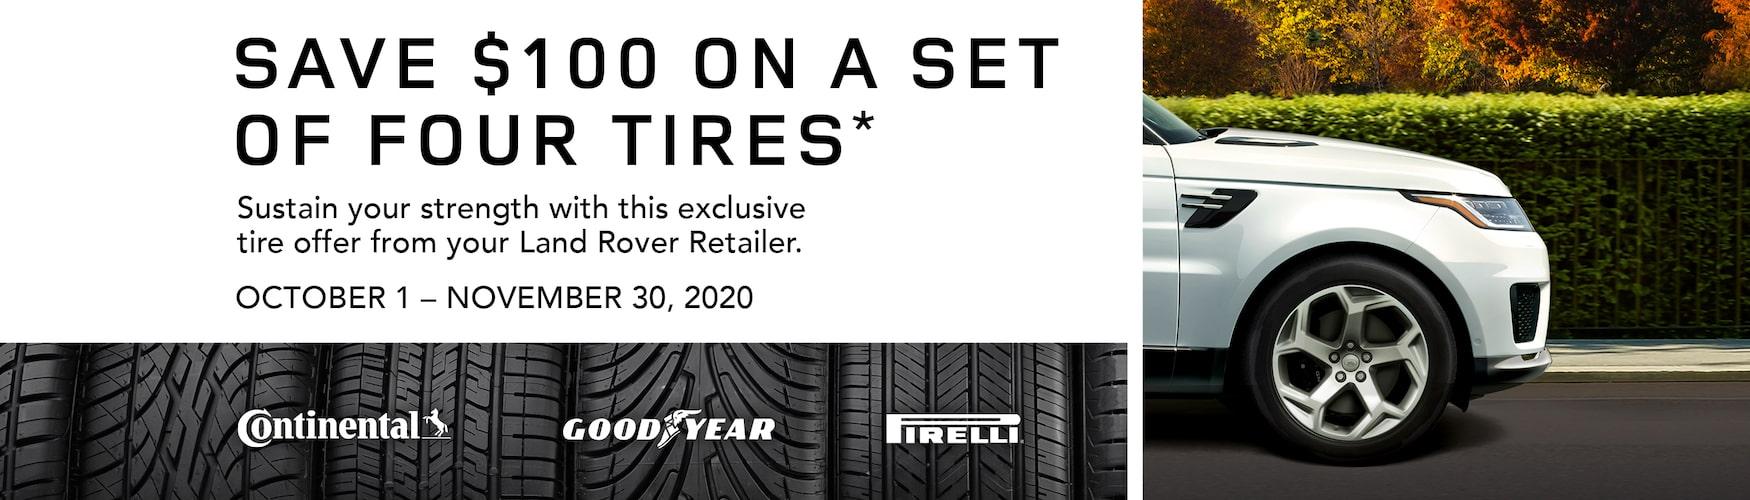 Land Rover Tire Promo October November 2020